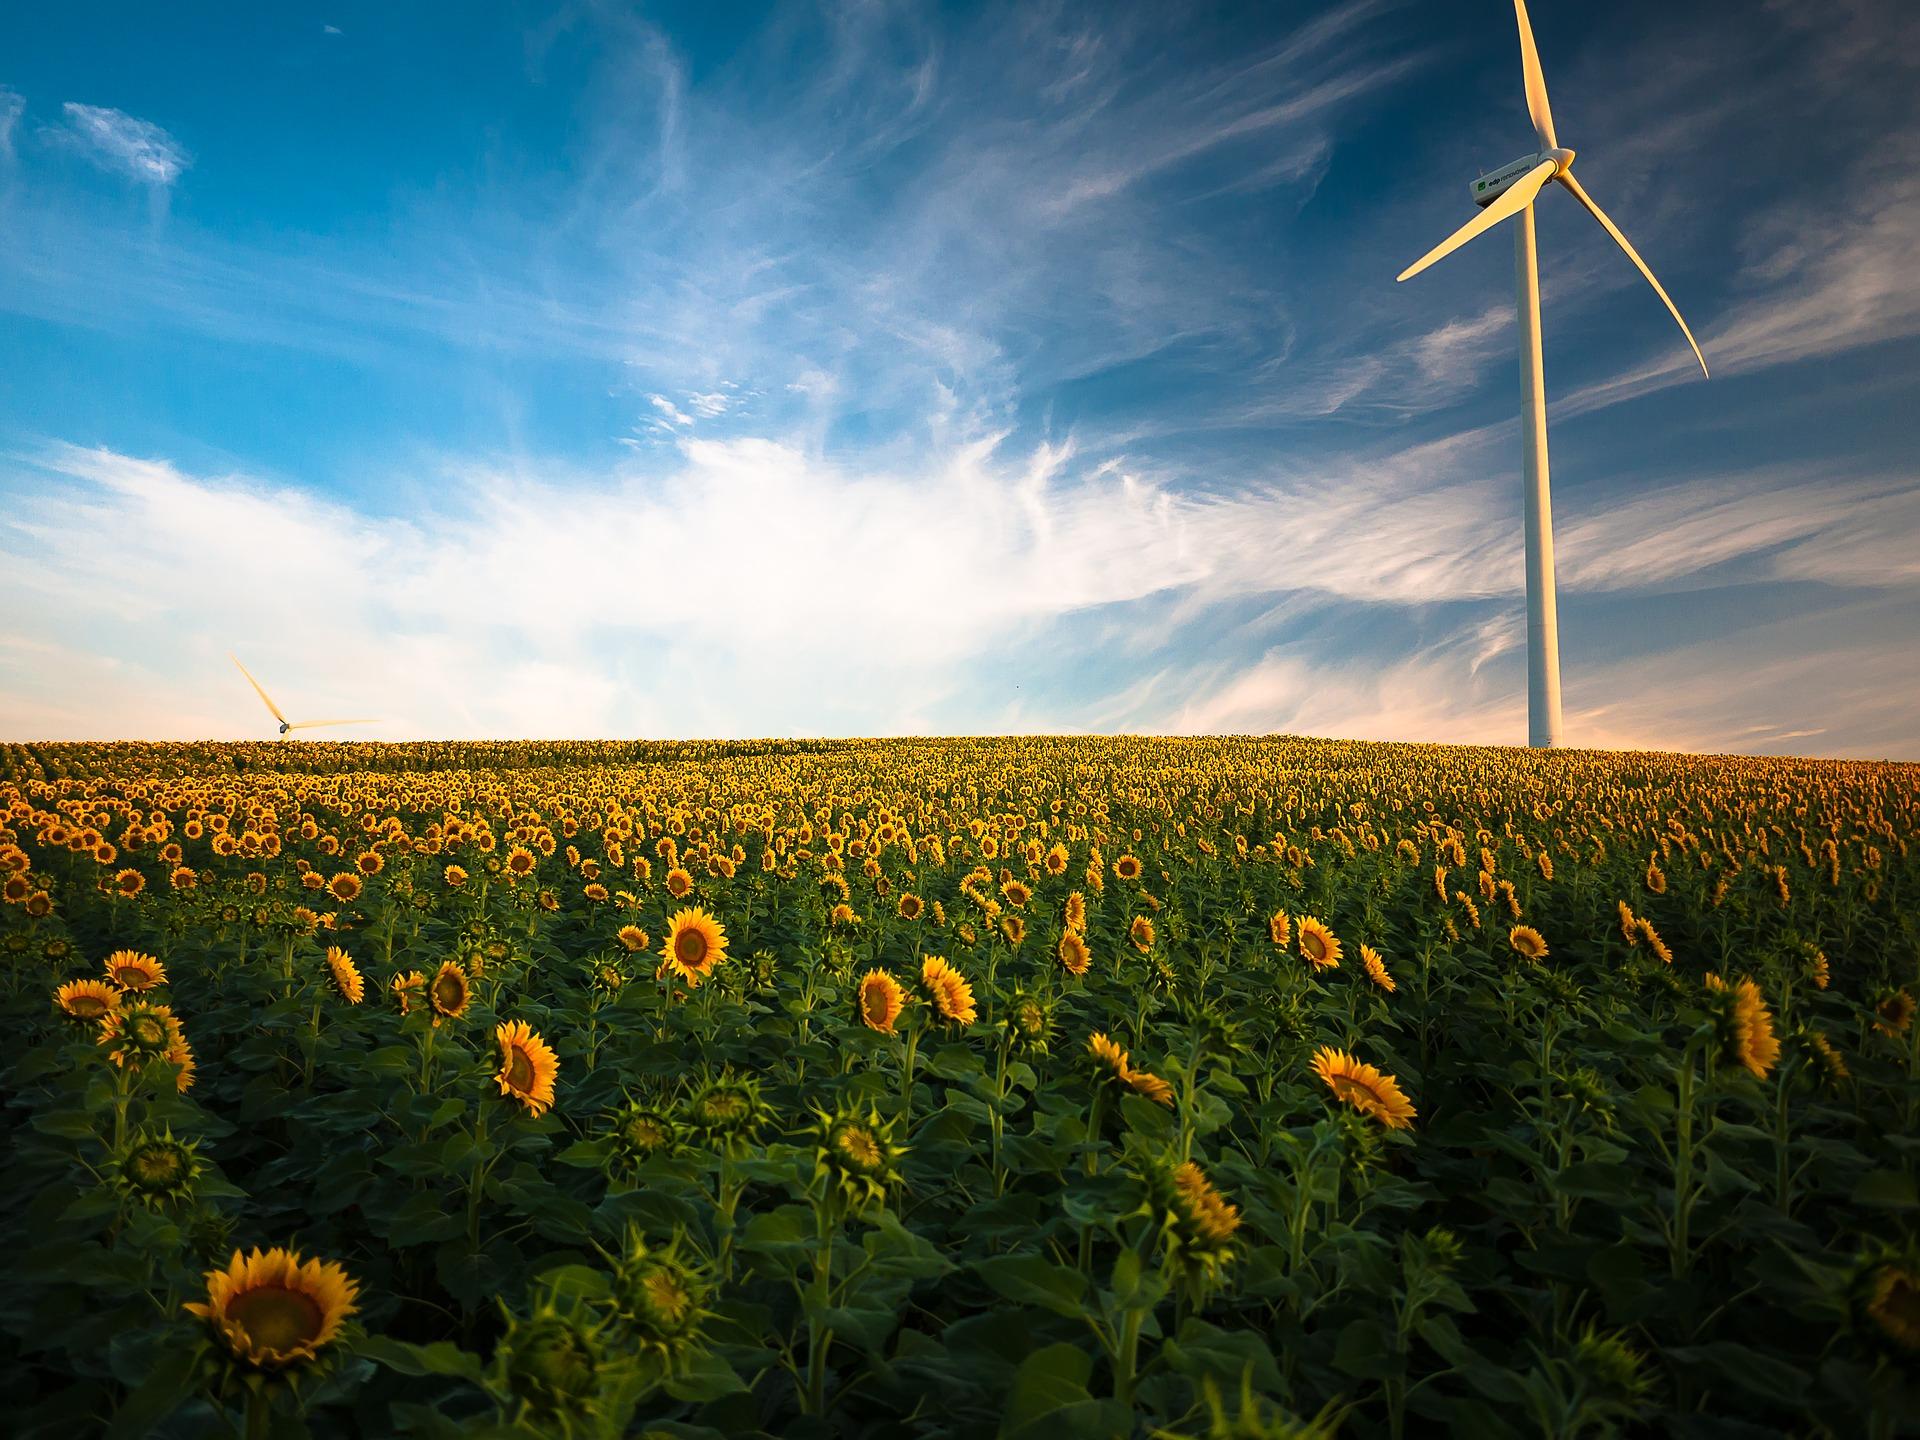 Yeni Rapor: Elektrik sektörü kaynaklı küresel CO2 emisyonları rekor düşüş gösterdi